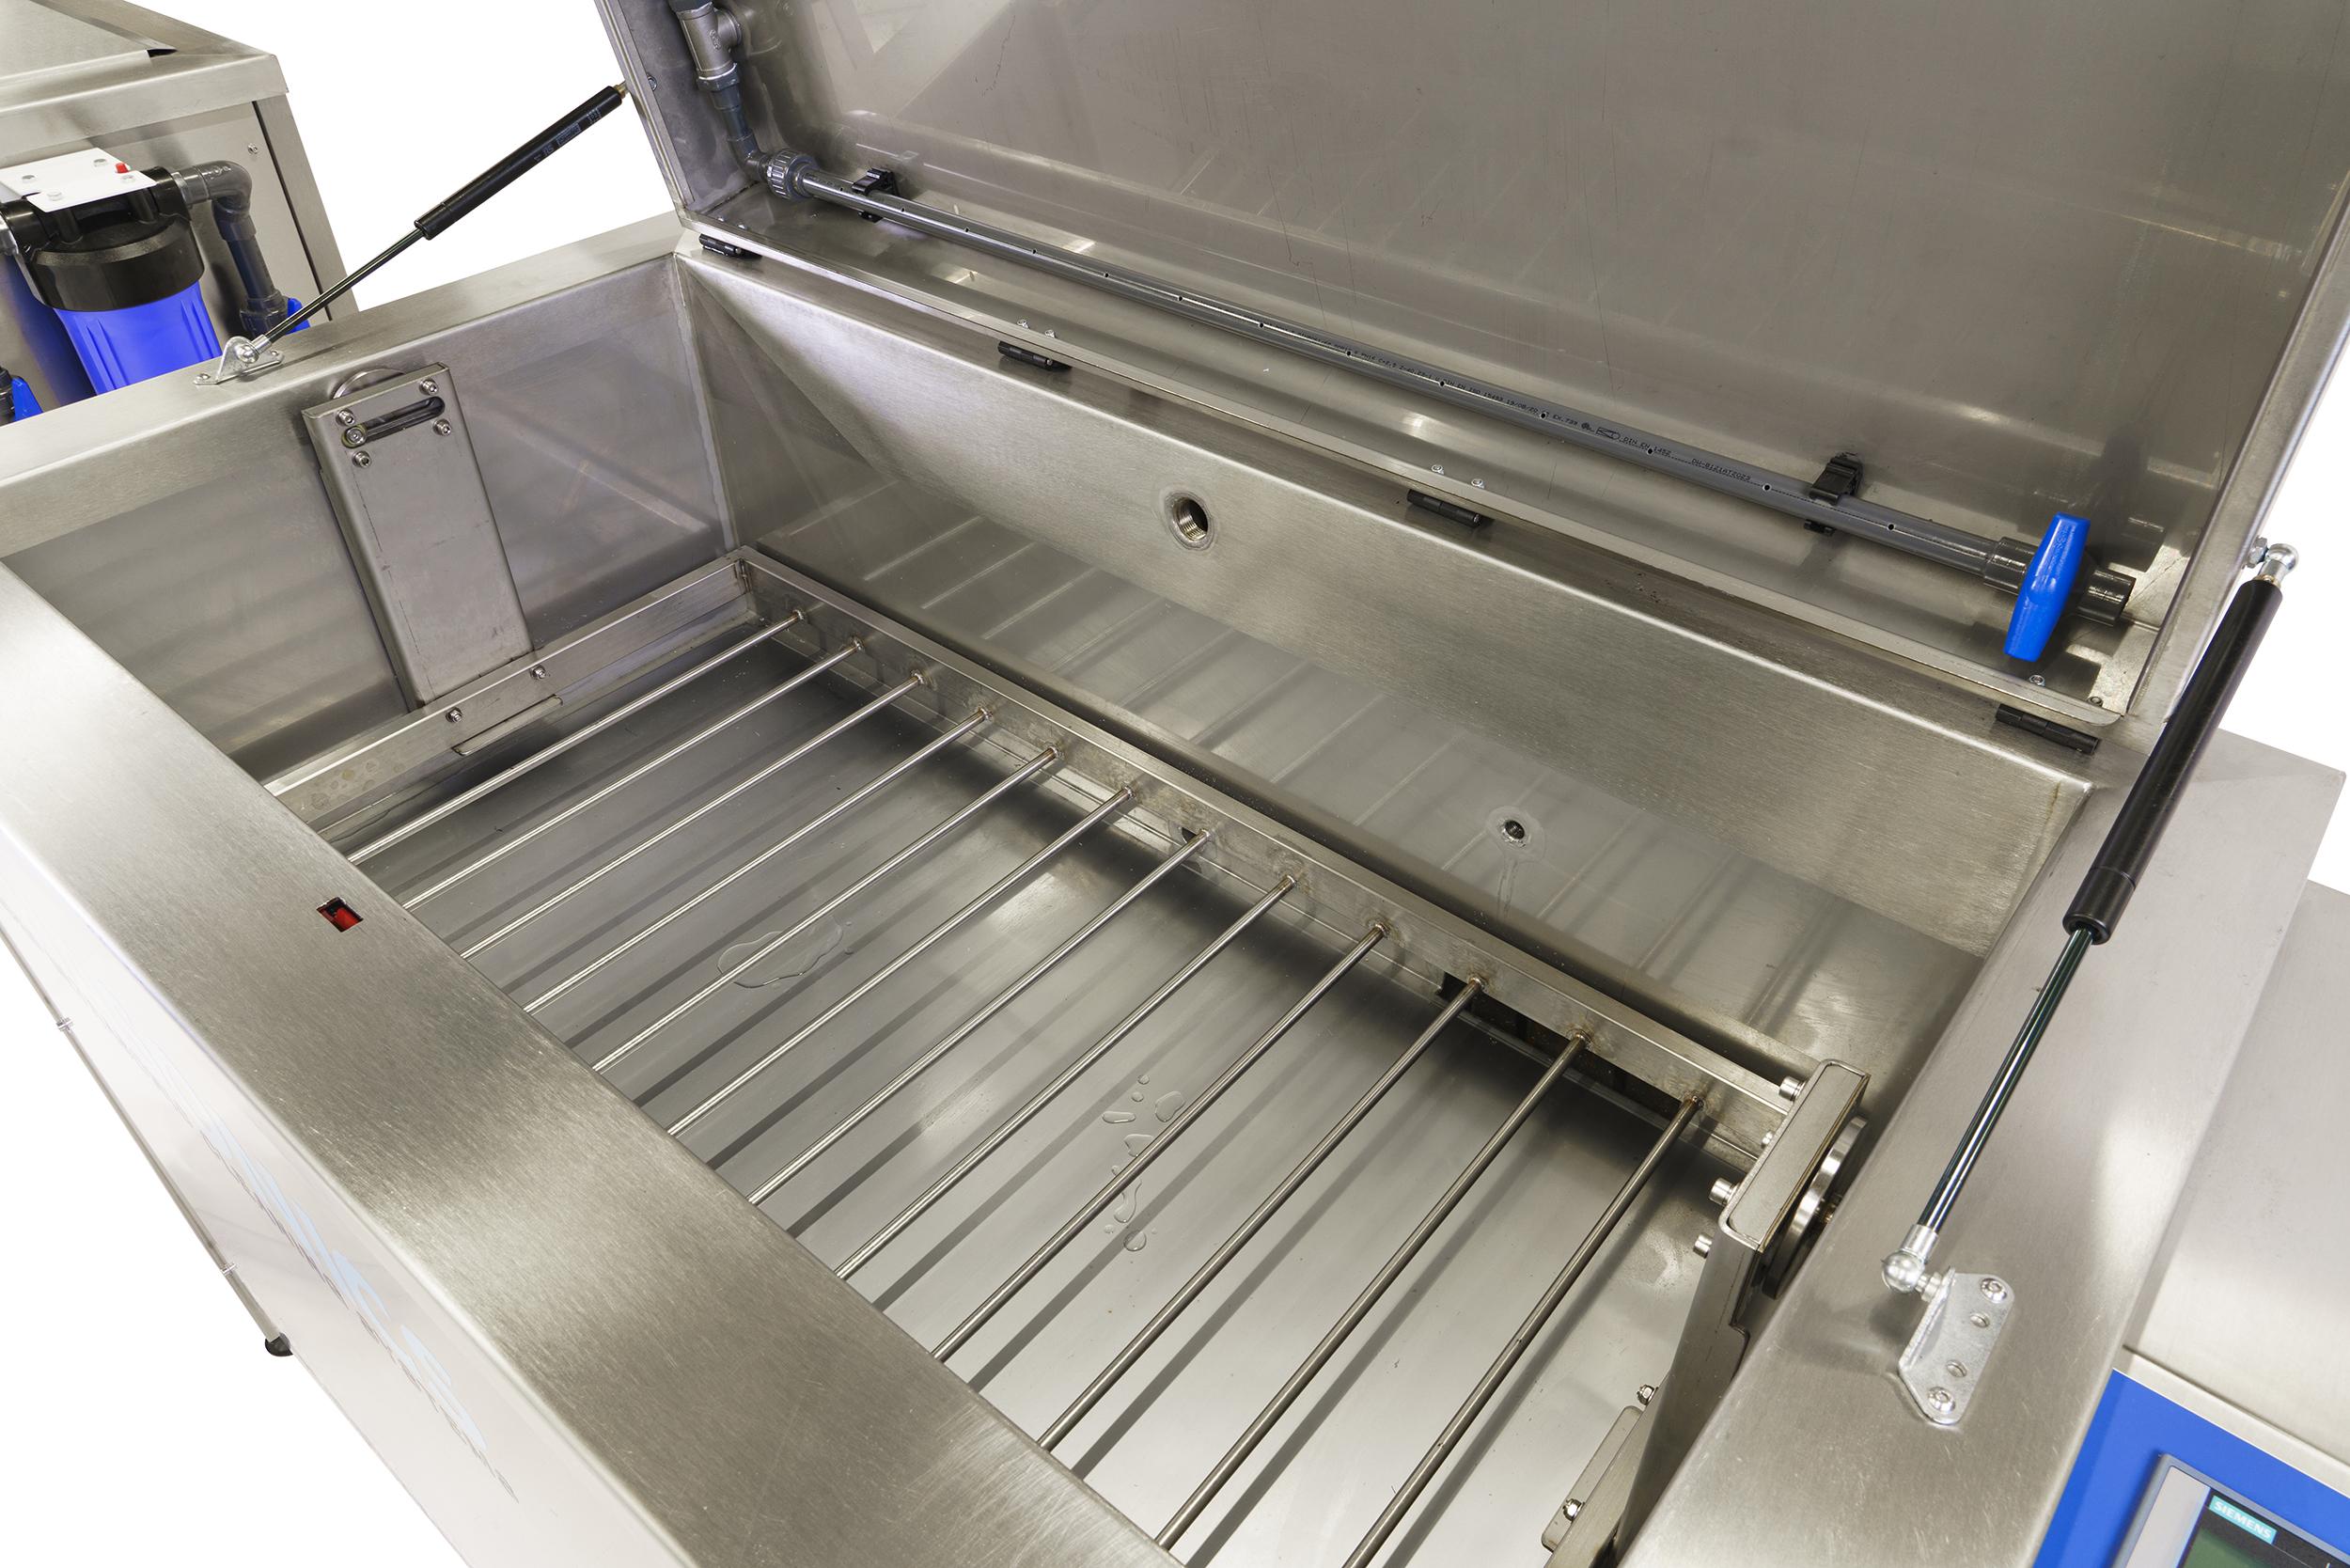 alp1200 parts washing machine